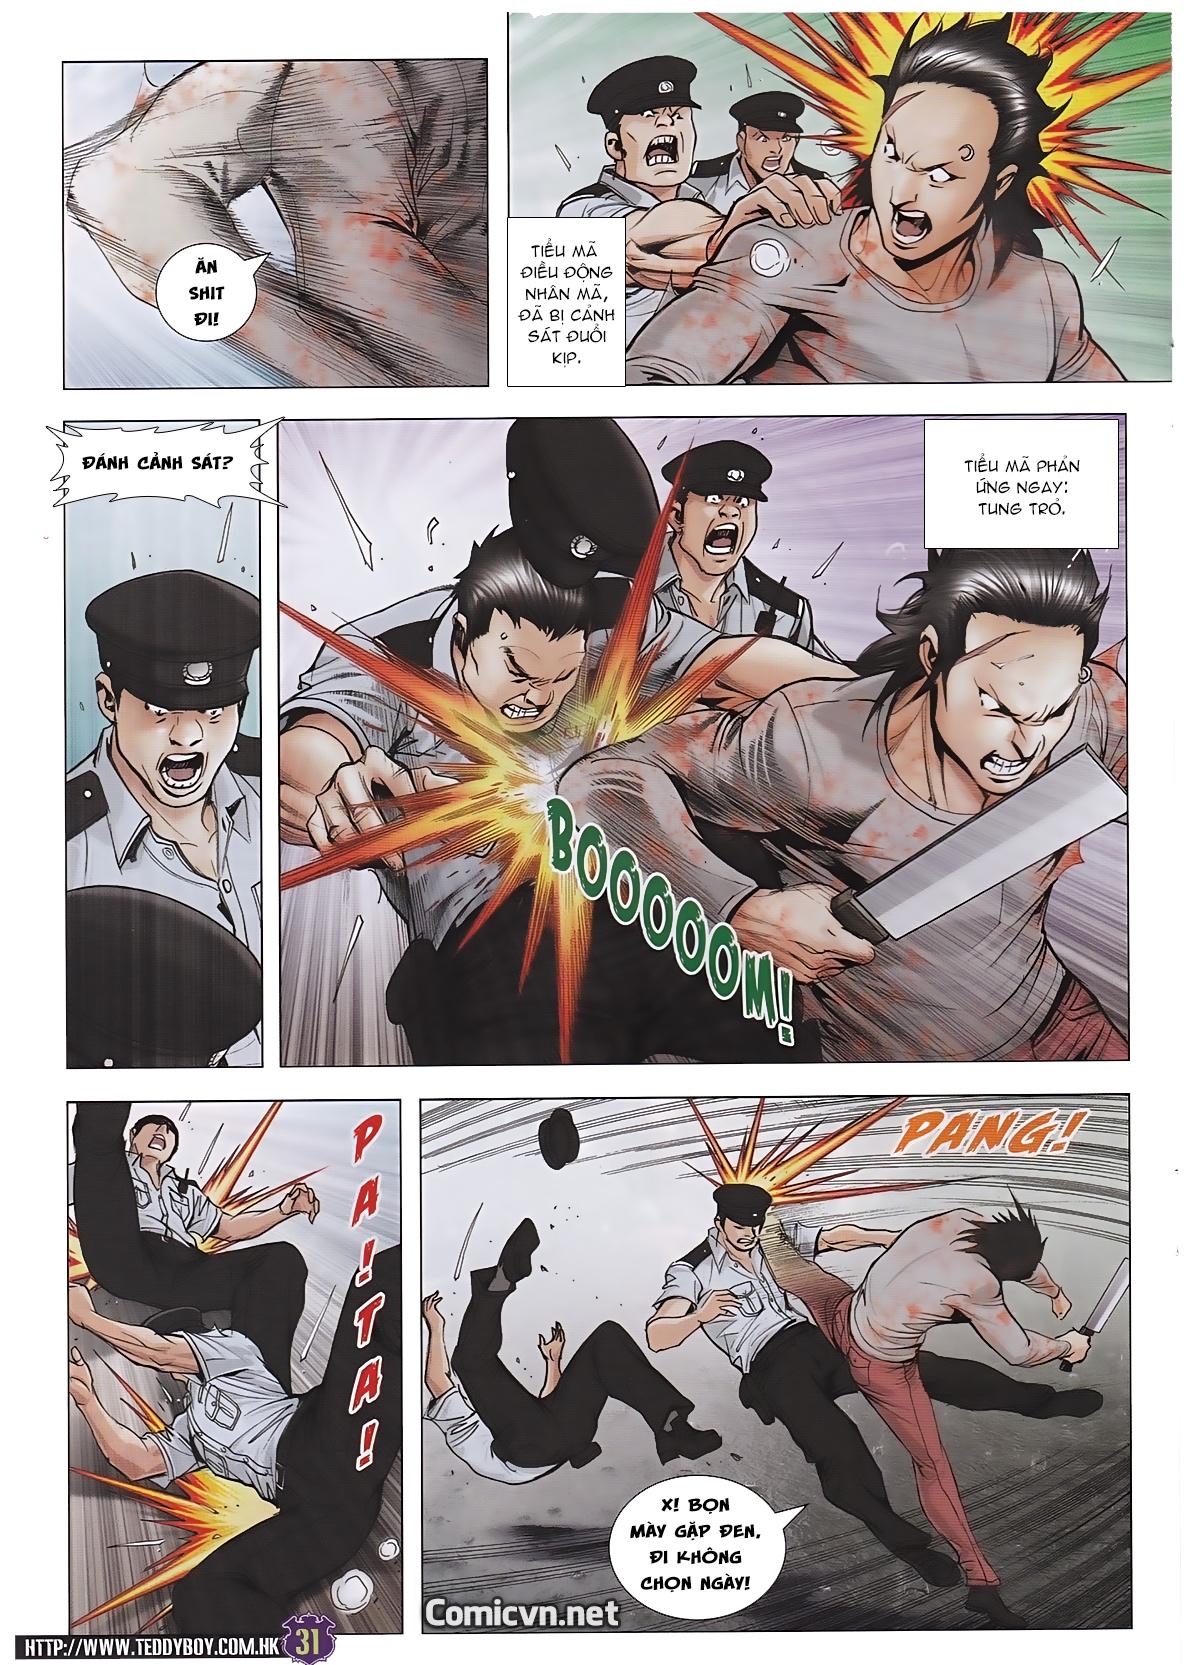 Người Trong Giang Hồ chapter 1960: long ảnh tung hoành trang 27